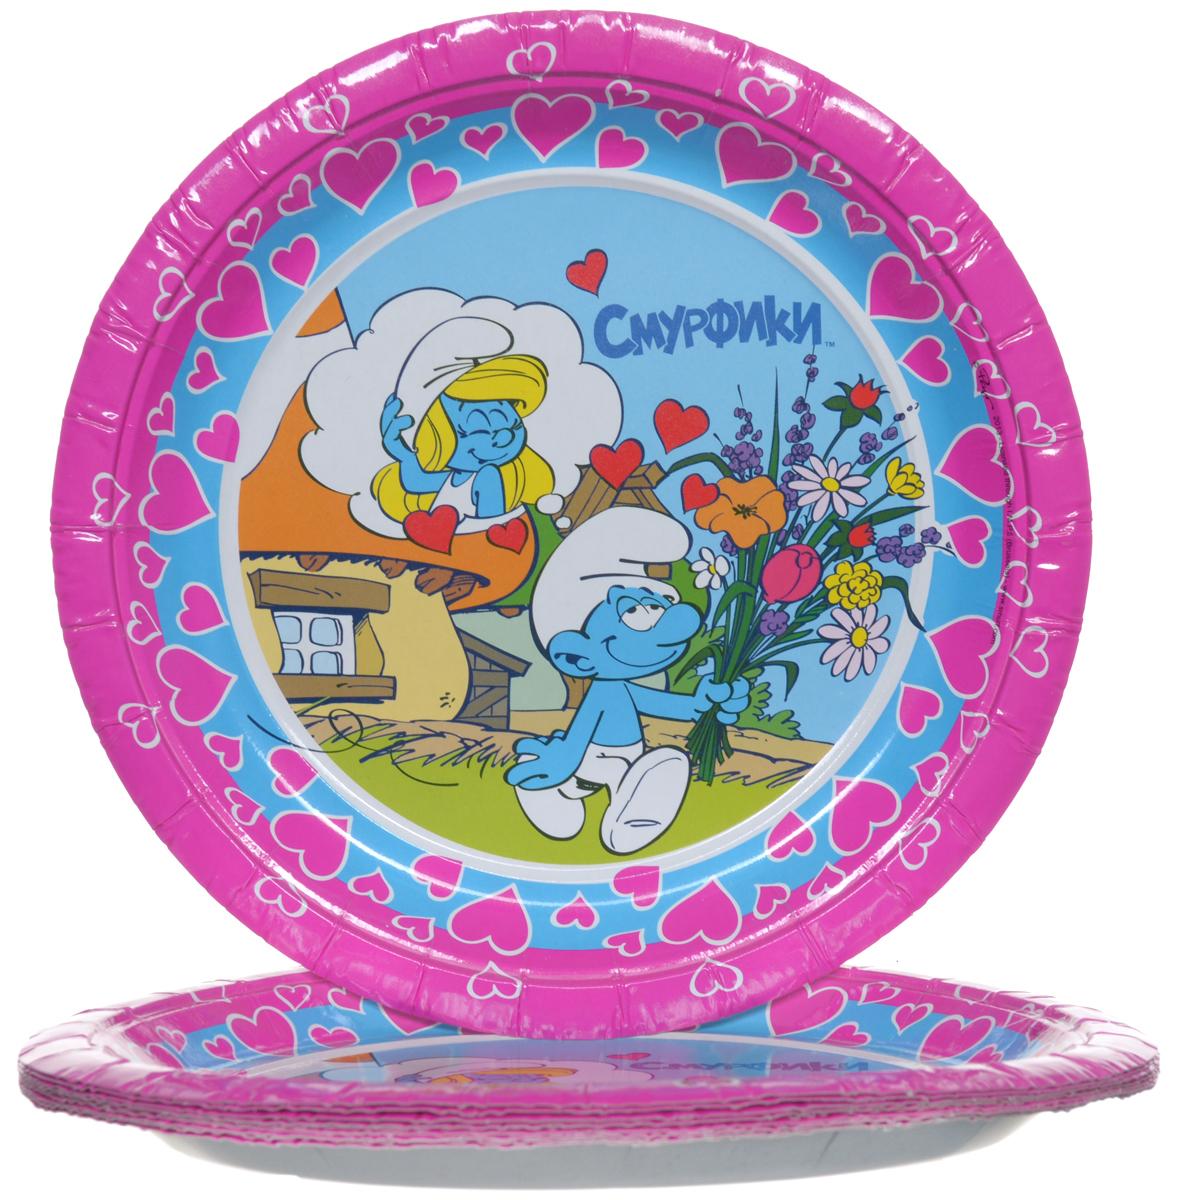 Смурфики Набор одноразовых тарелок цвет розовый 10 шт 2123621236Одноразовые тарелки прочно вошли в современную жизнь, и теперь многие люди просто не представляют праздник или пикник без таких нужных вещей: они почти невесомы, не могут разбиться и не нуждаются в мытье. Выполненные из плотной бумаги одноразовые тарелки Смурфики являются экологически чистыми, поэтому не наносят вреда здоровью. Благодаря глянцевому ламинированию, они прекрасно справляются со своей задачей: удерживают еду, не промокают и не протекают. В наборе 10 тарелок.